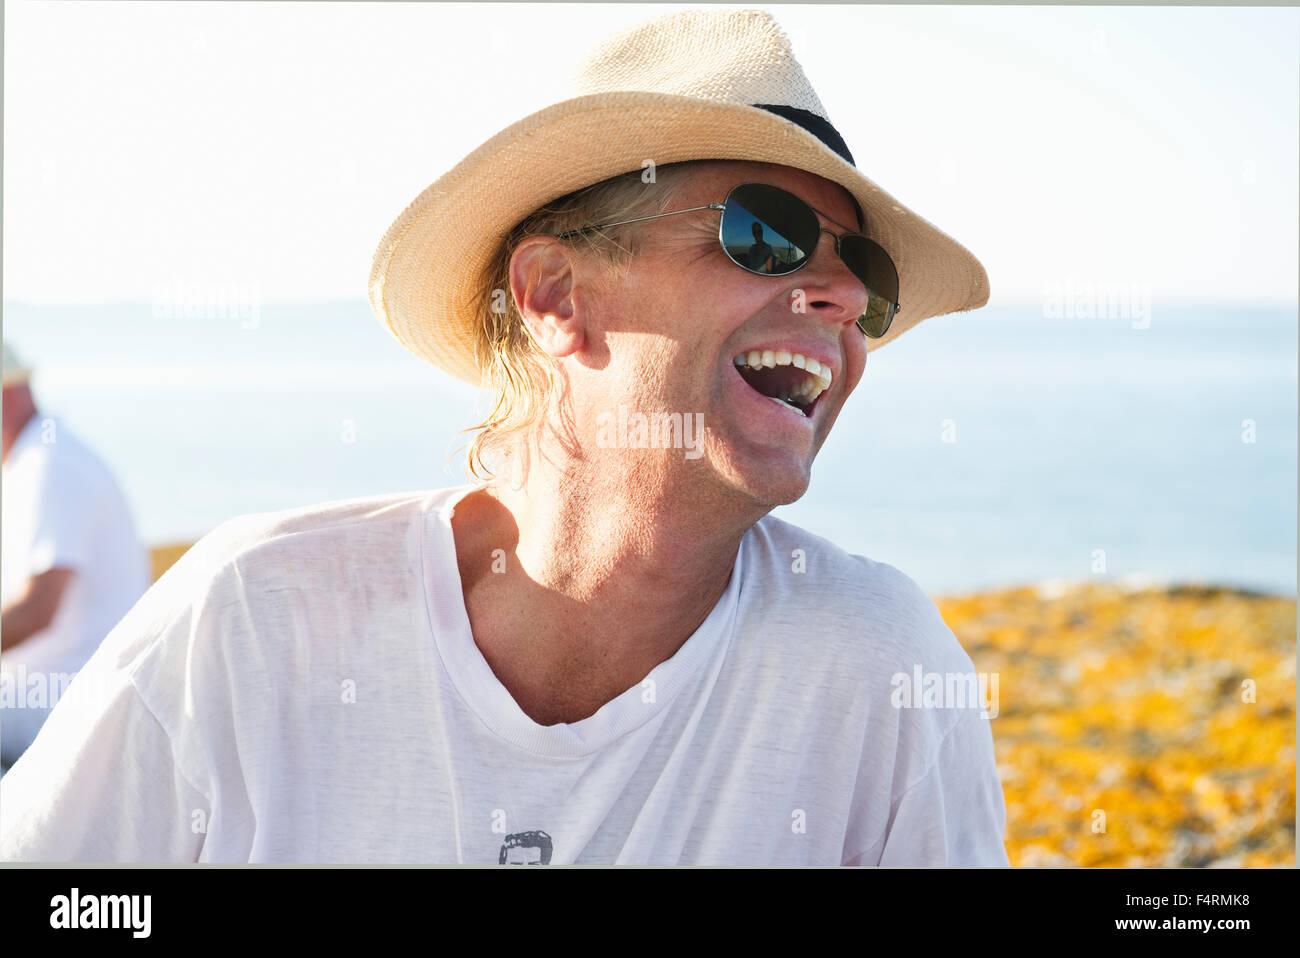 Ritratto di uomo sorridente con occhiali da sole e cappello di paglia 9d82d9c6db51